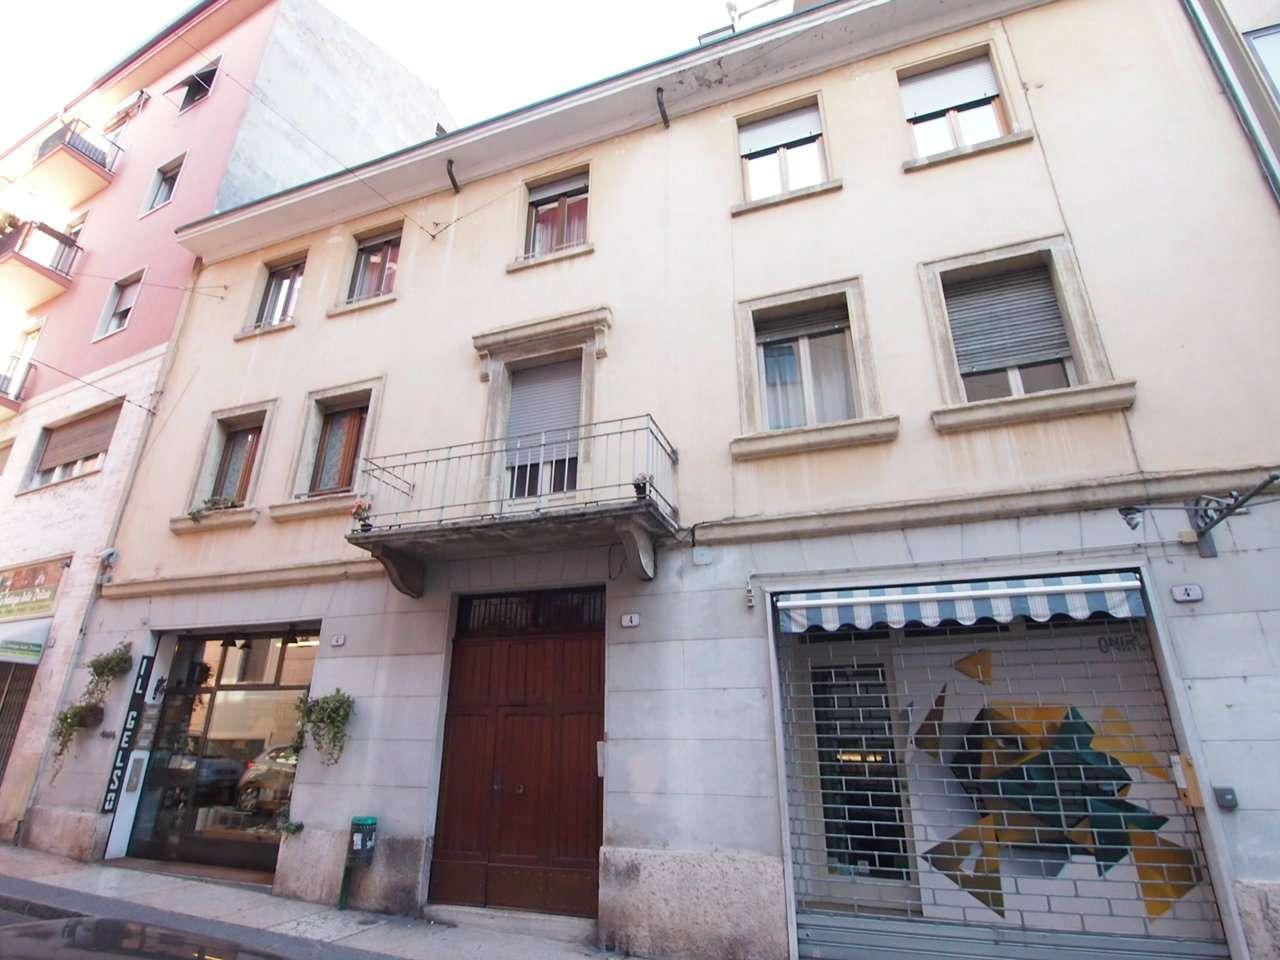 Appartamento in affitto a Verona, 4 locali, zona Zona: 1 . ZTL - Piazza Cittadella - San Zeno - Stadio, prezzo € 1.100 | CambioCasa.it